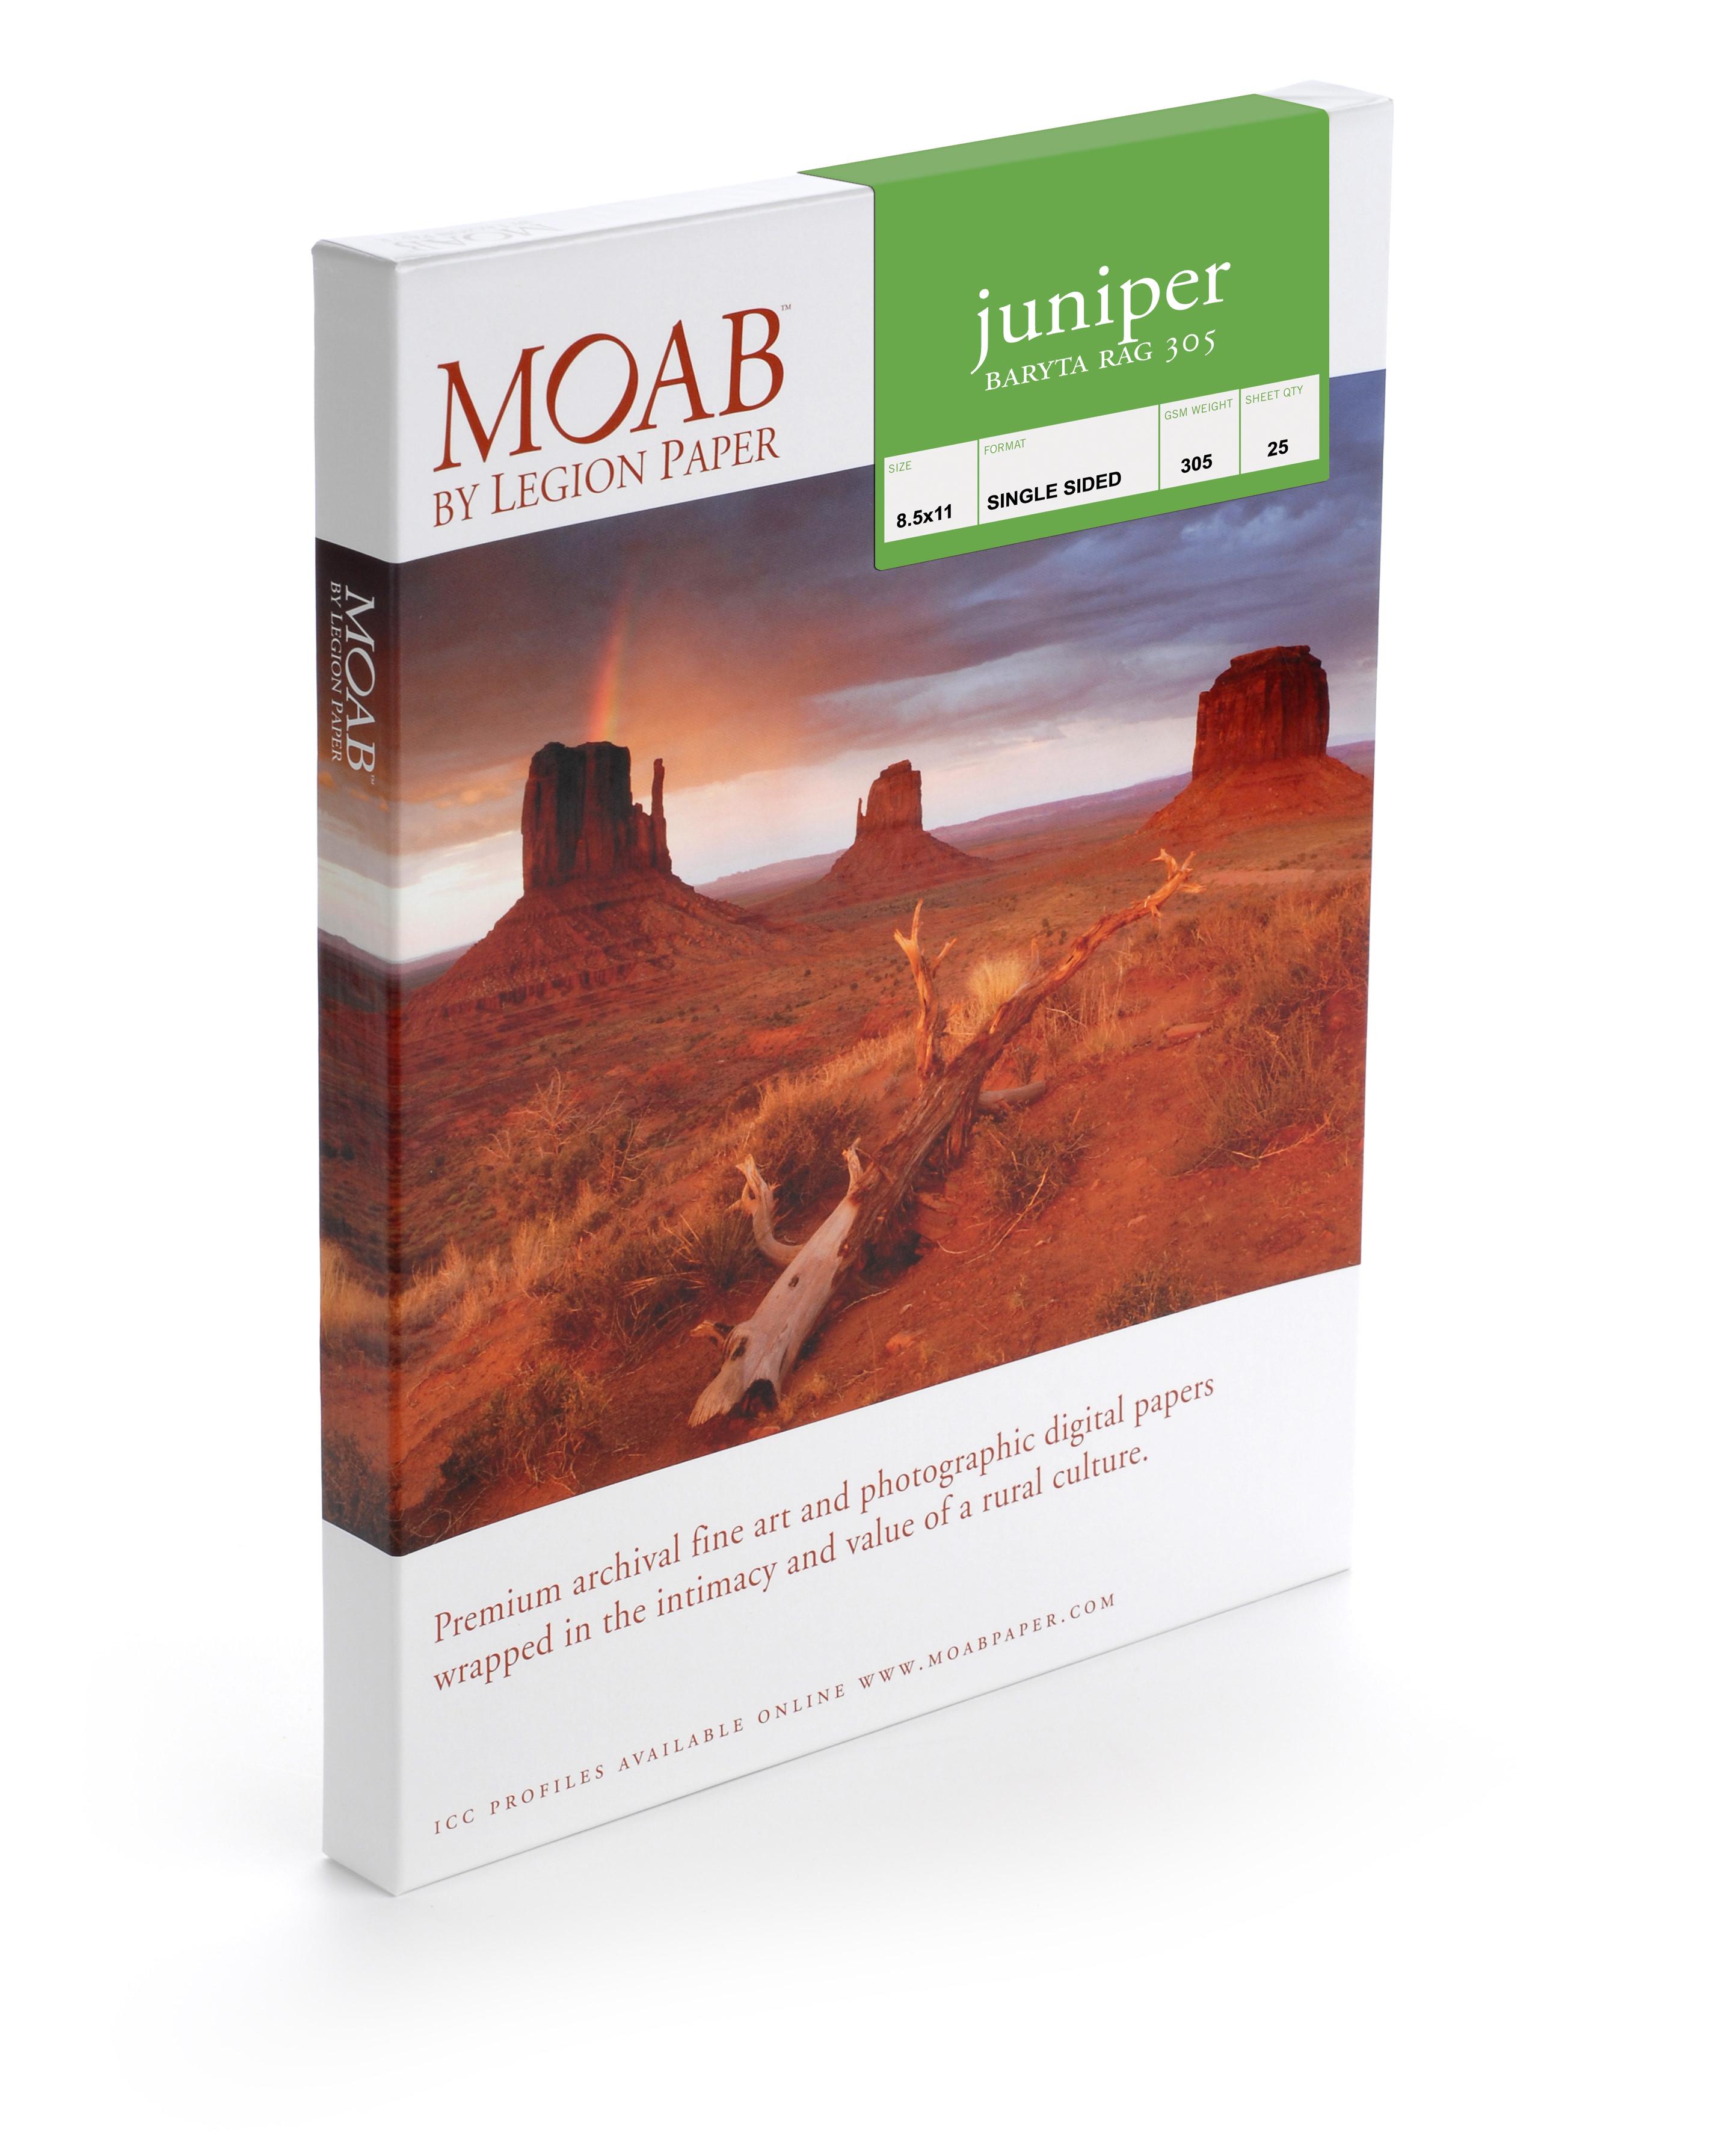 Moab Juniper Baryta Rag, 305